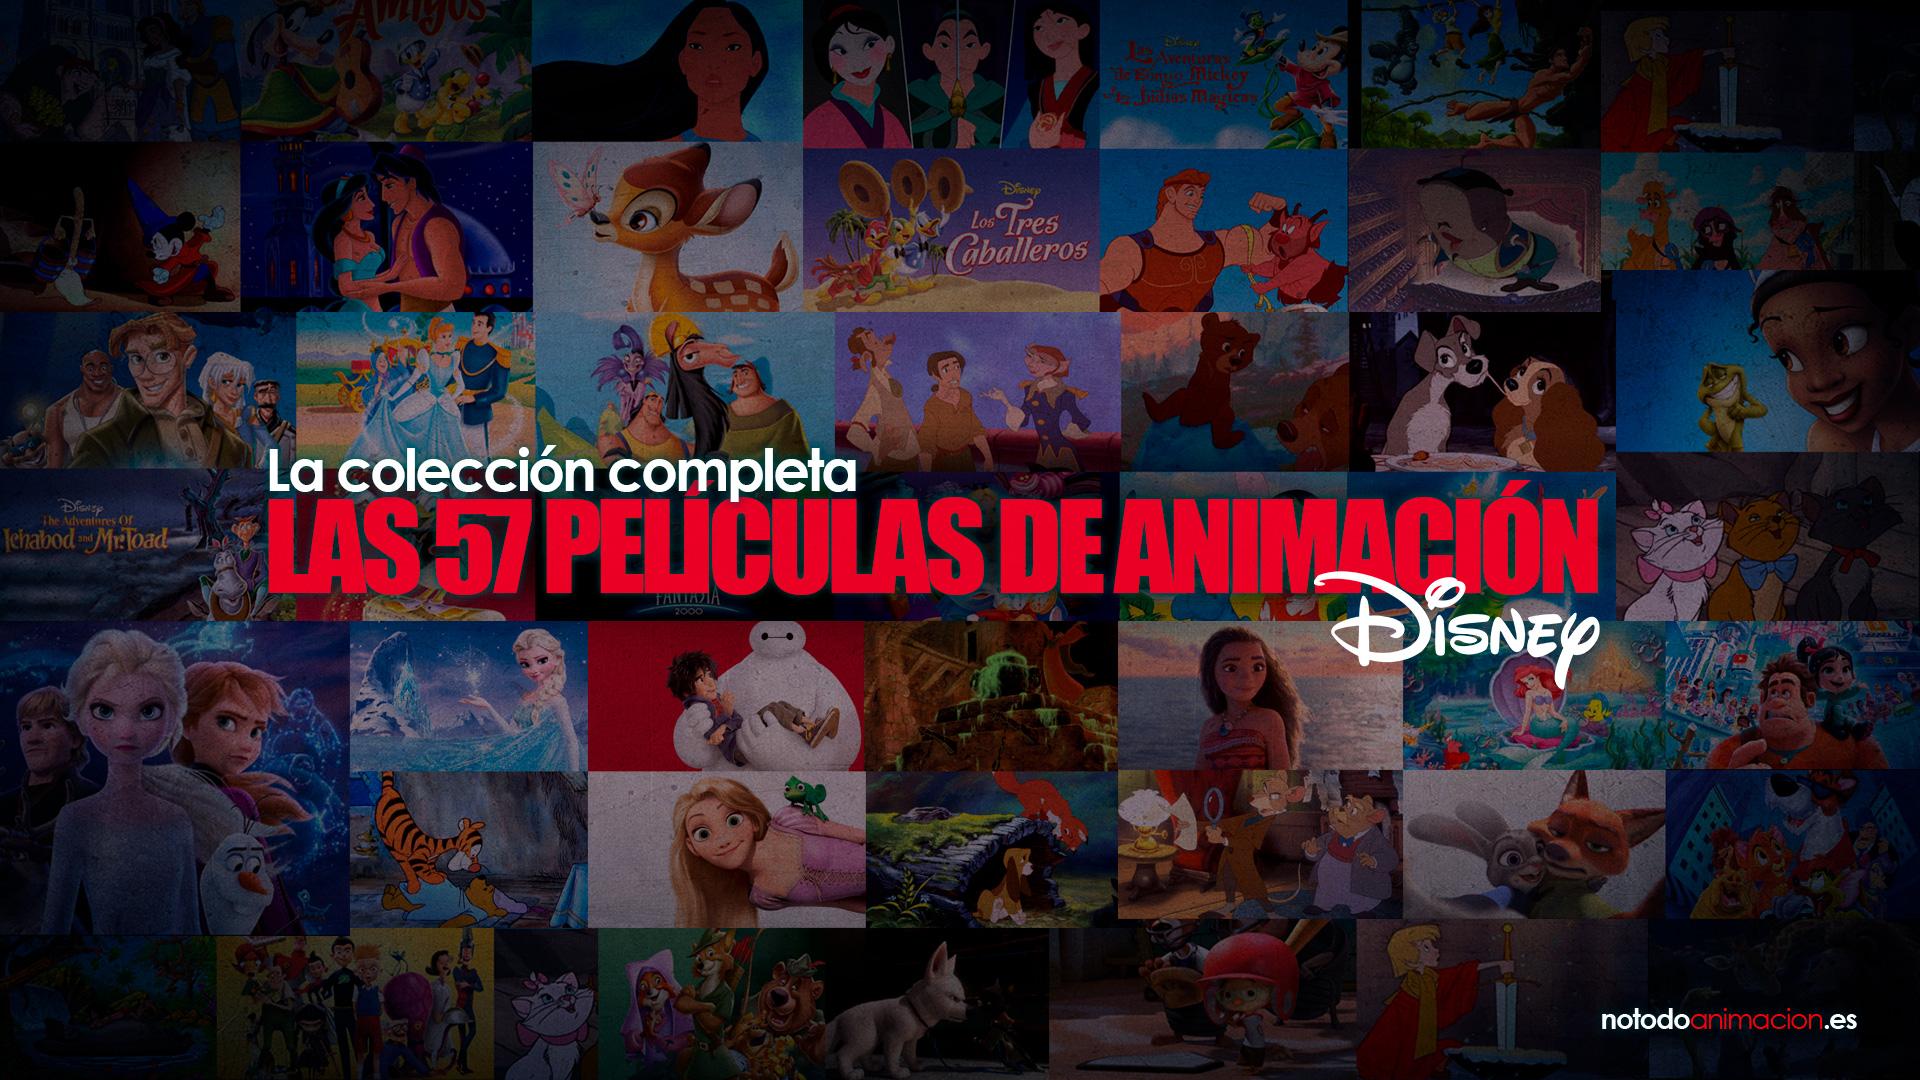 Películas de animacion - clásicos de Disney